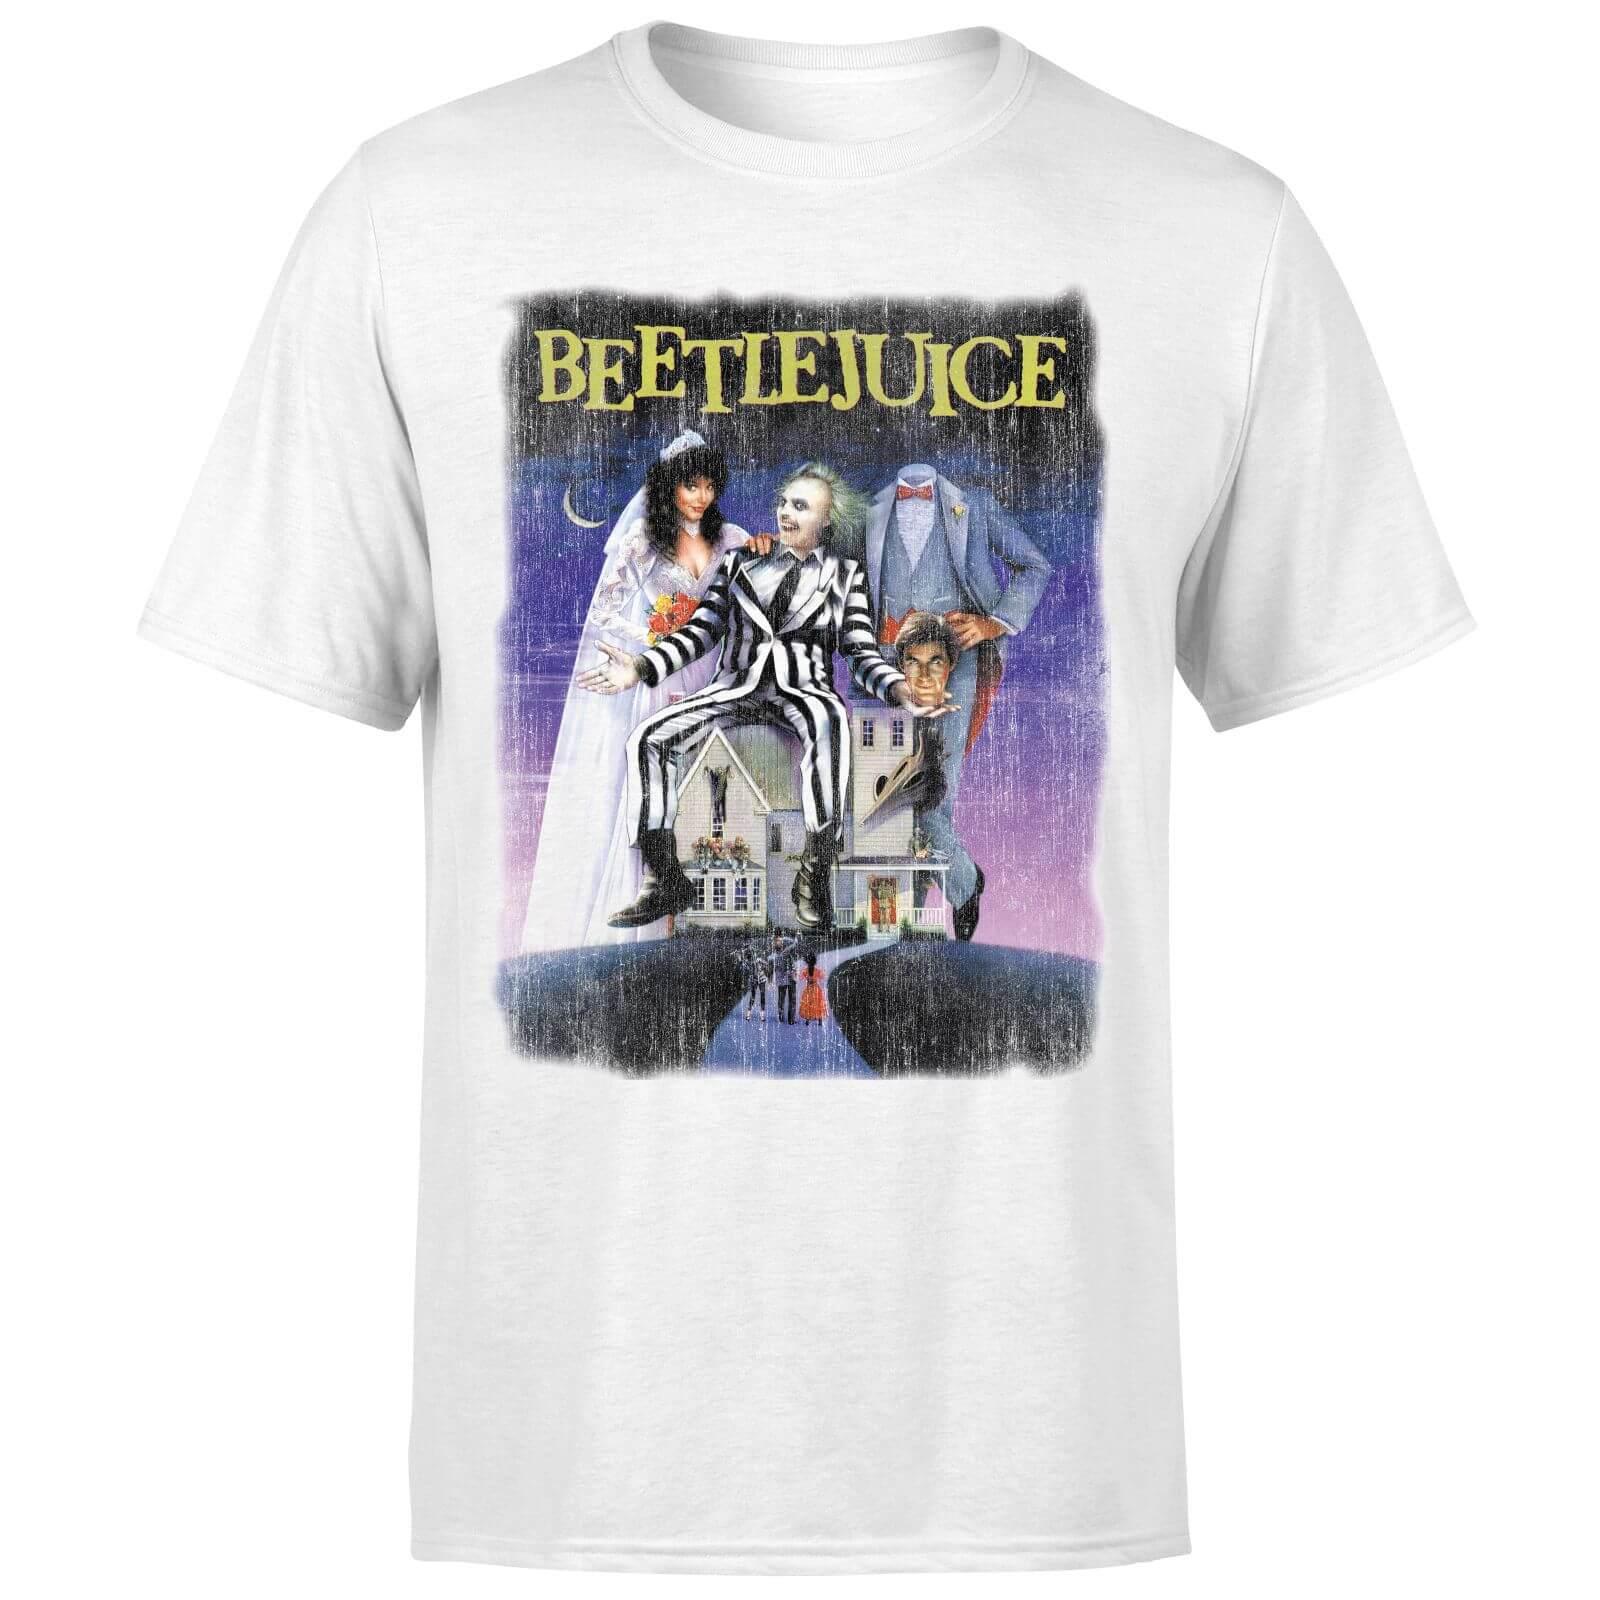 Beetlejuice T-Shirt Homme Affiche Abîmée Beetlejuice - Blanc - XXL - Blanc